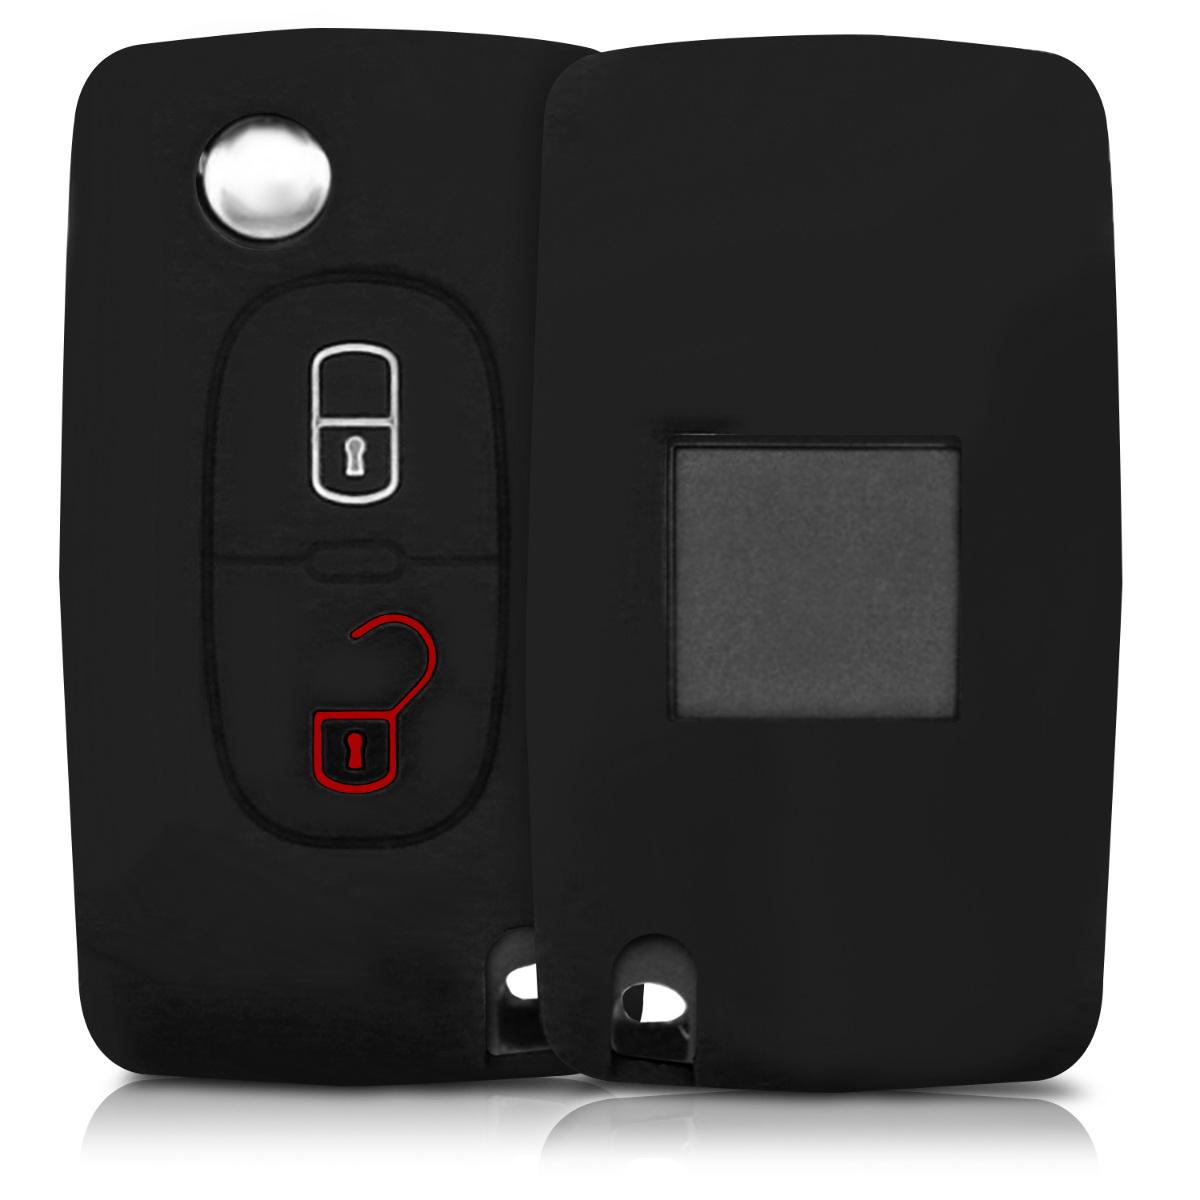 KW Silicone Θήκη Κλειδιού Peugeot Citroen - 2 Κουμπιά - Black (43668.01)